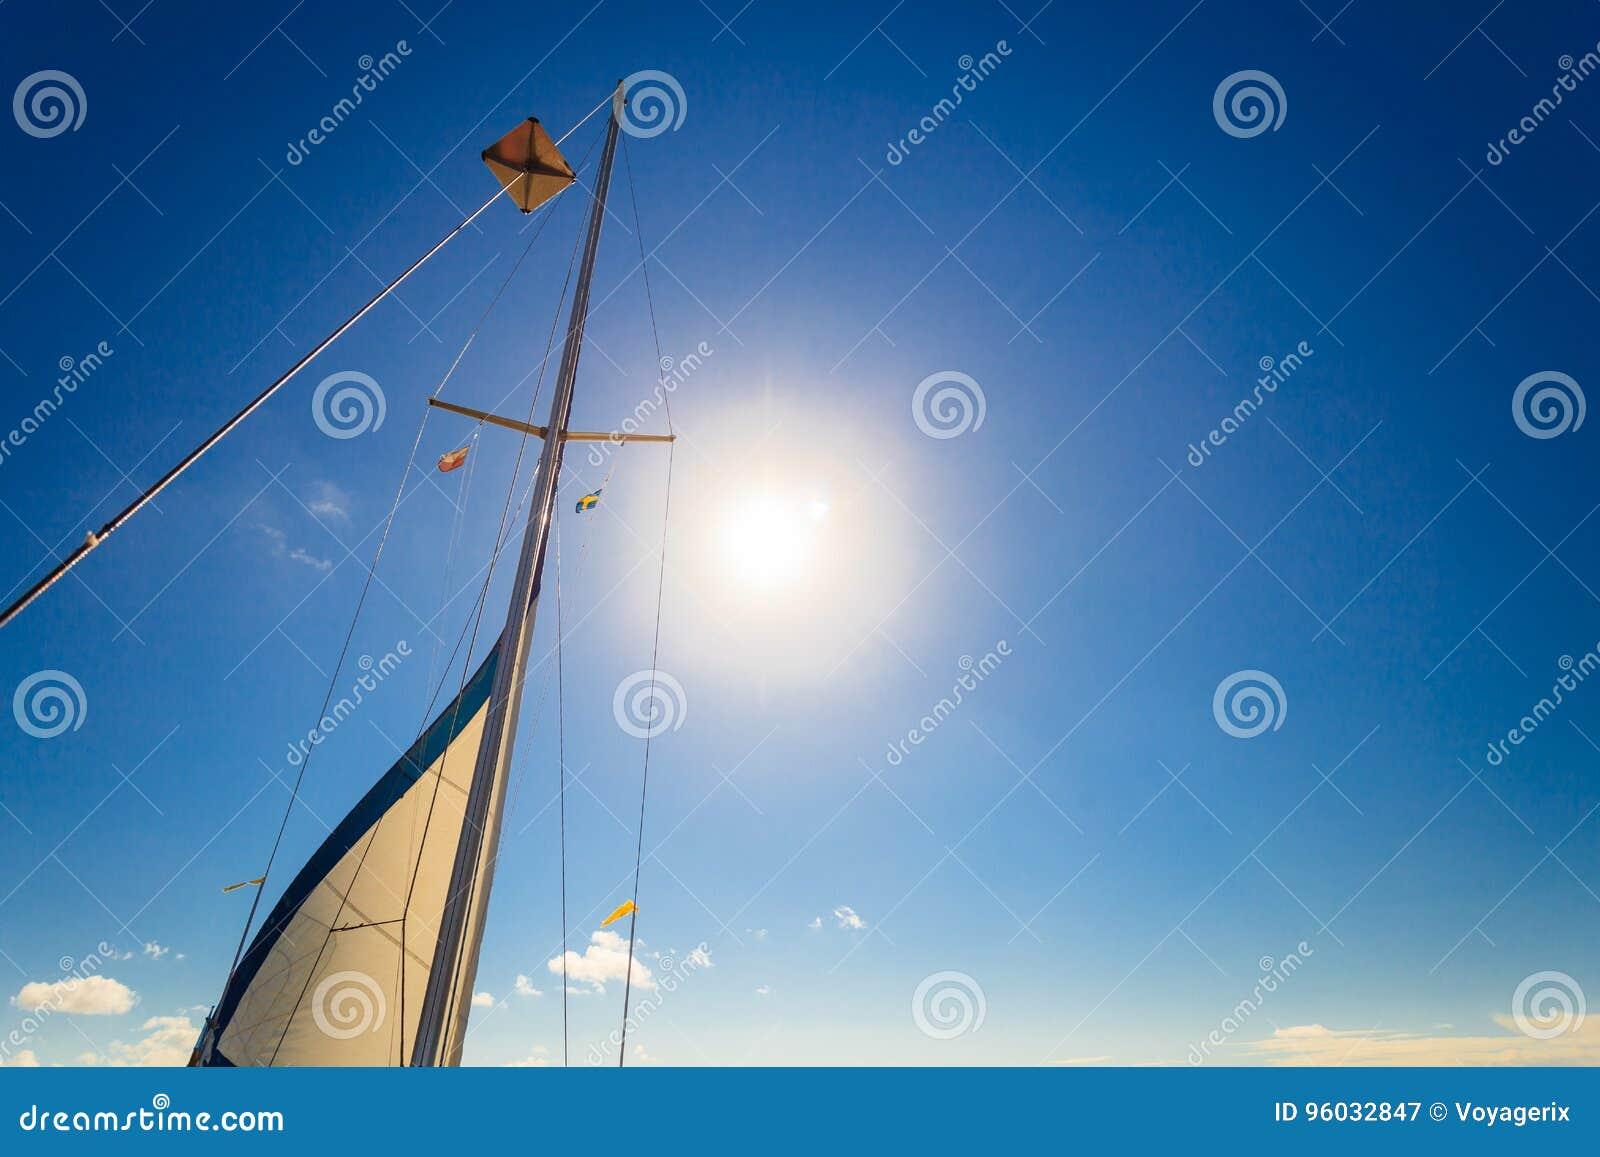 Jachting na żagiel łodzi podczas pogodnej pogody